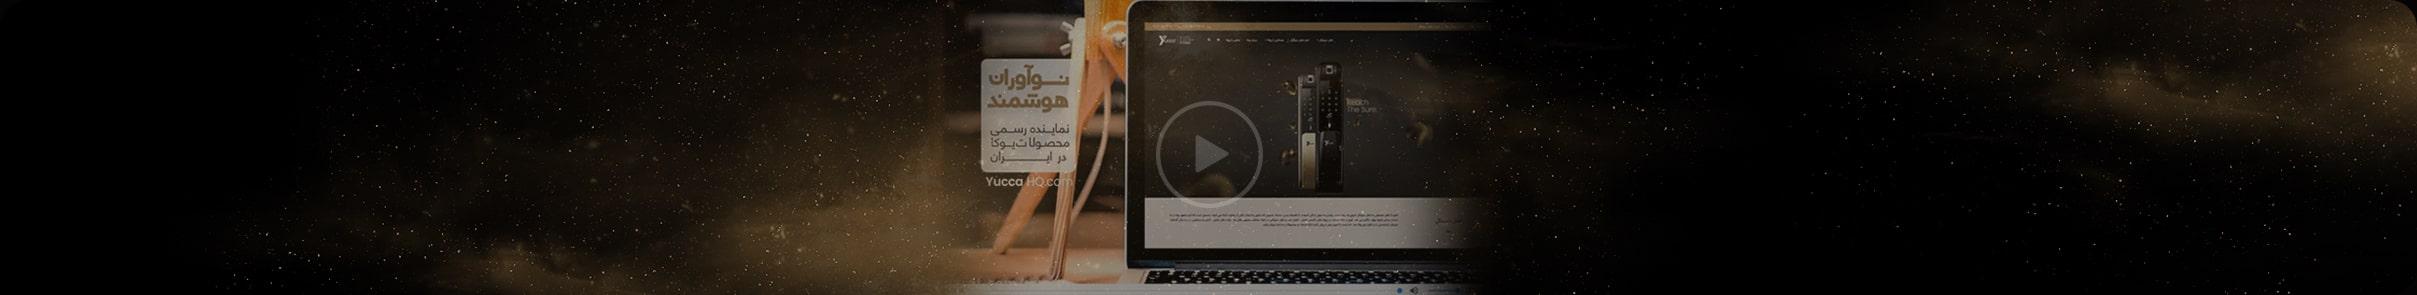 ویدیو قفل دیجیتال